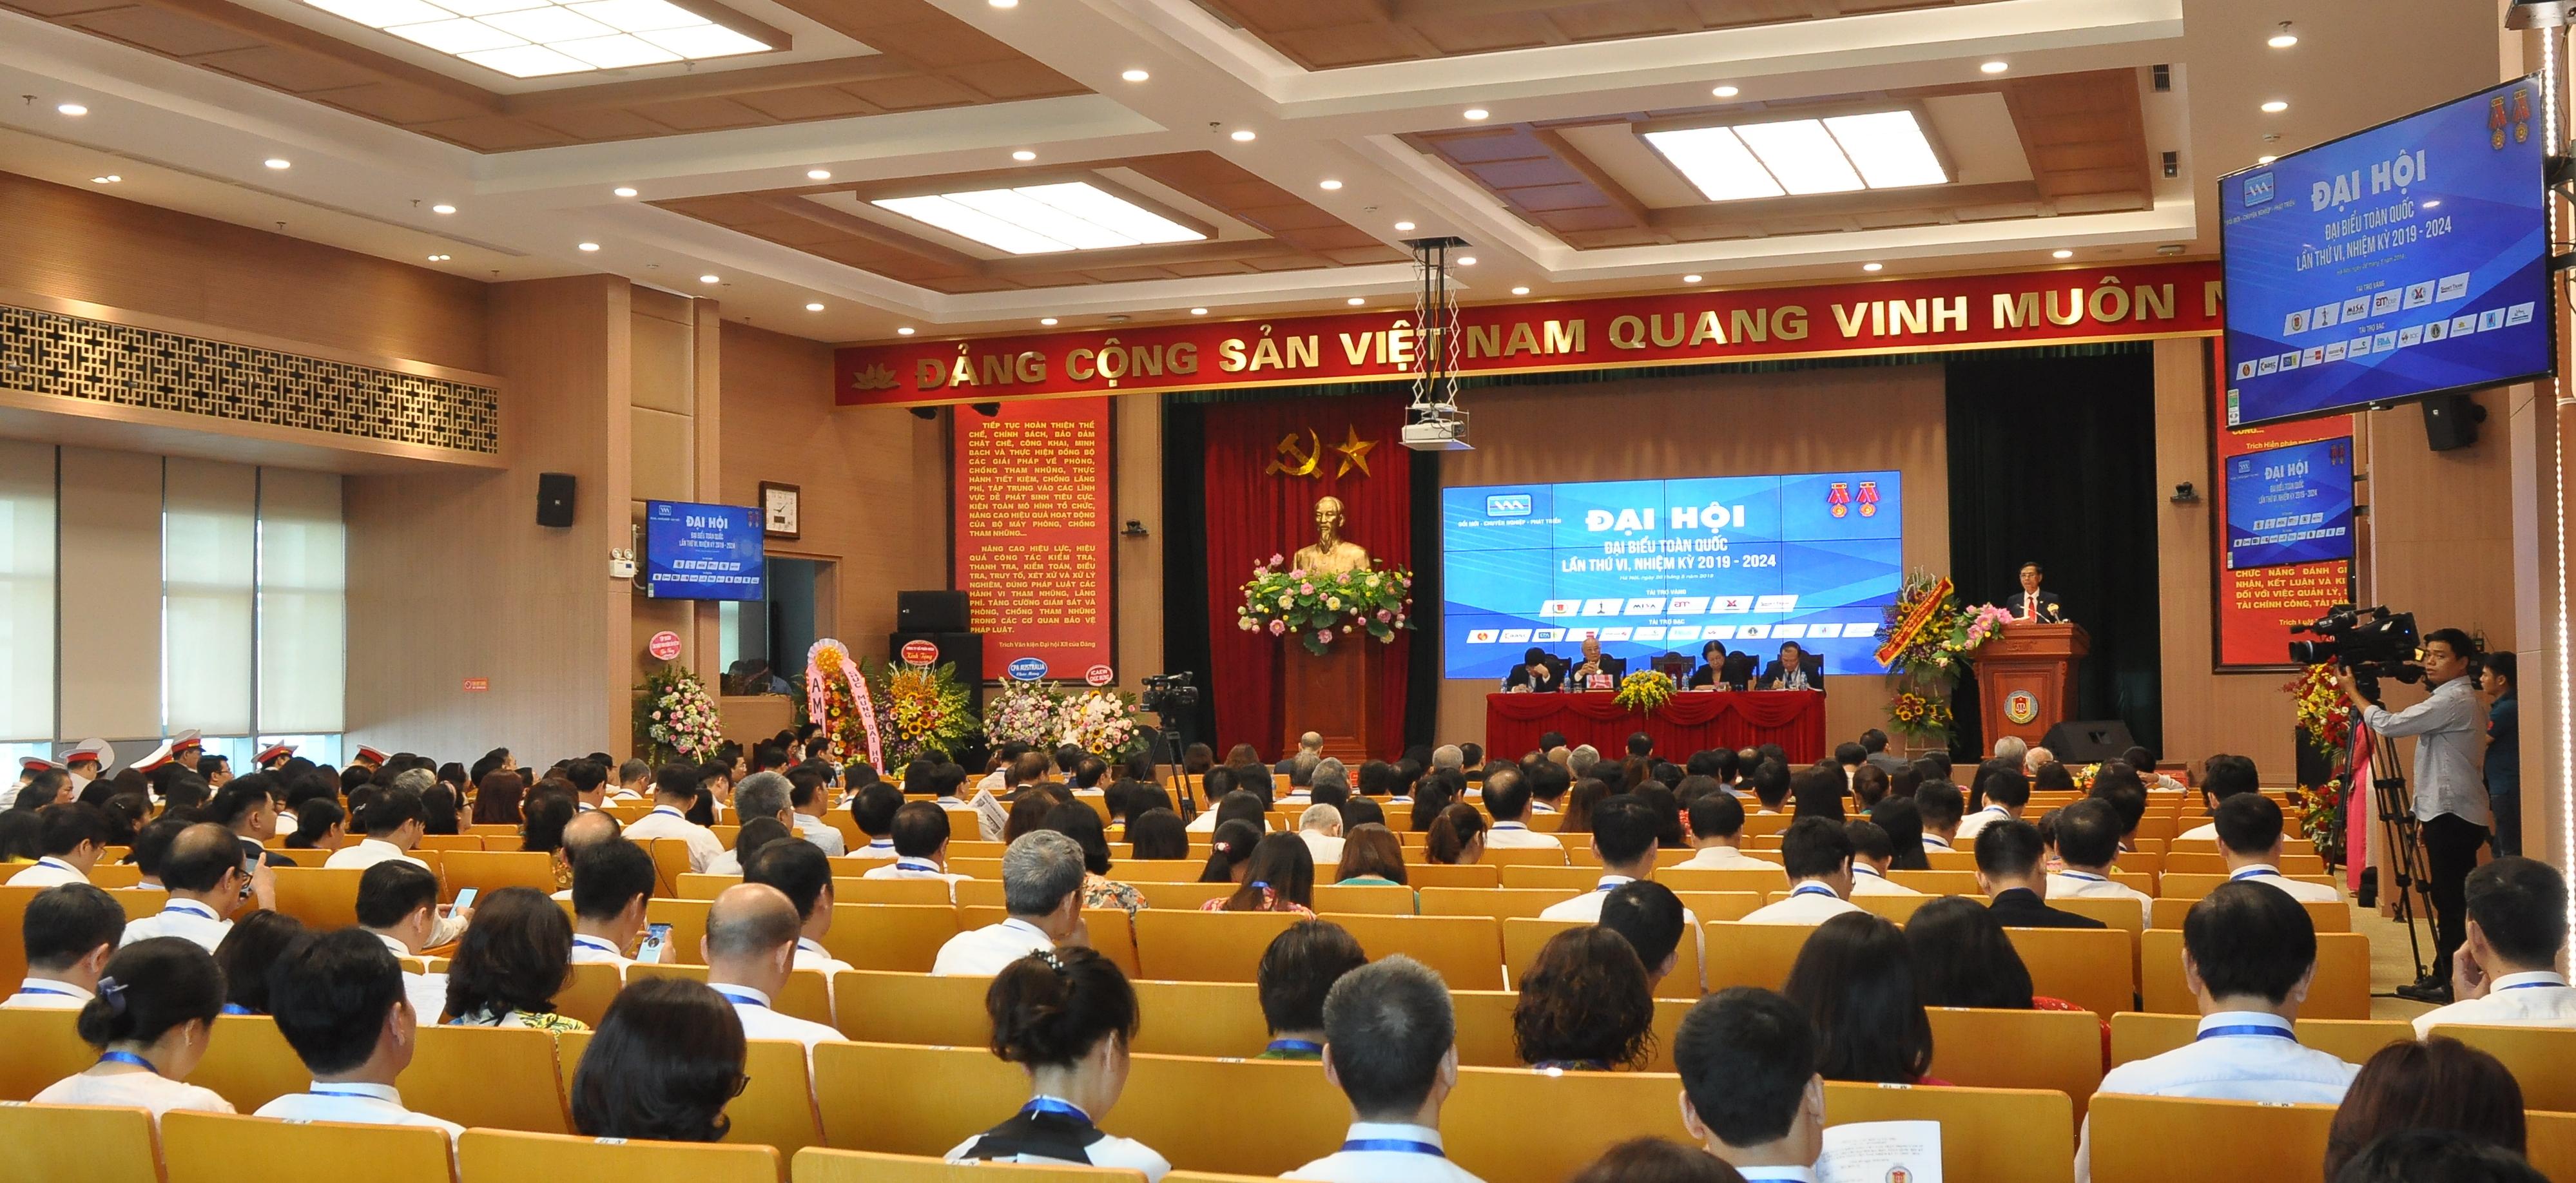 Hội Kế toán và Kiểm toán Việt Nam tổ chức Đại hội đại biểu toàn quốc lần thứ VI, nhiệm kỳ 2019 - 2024